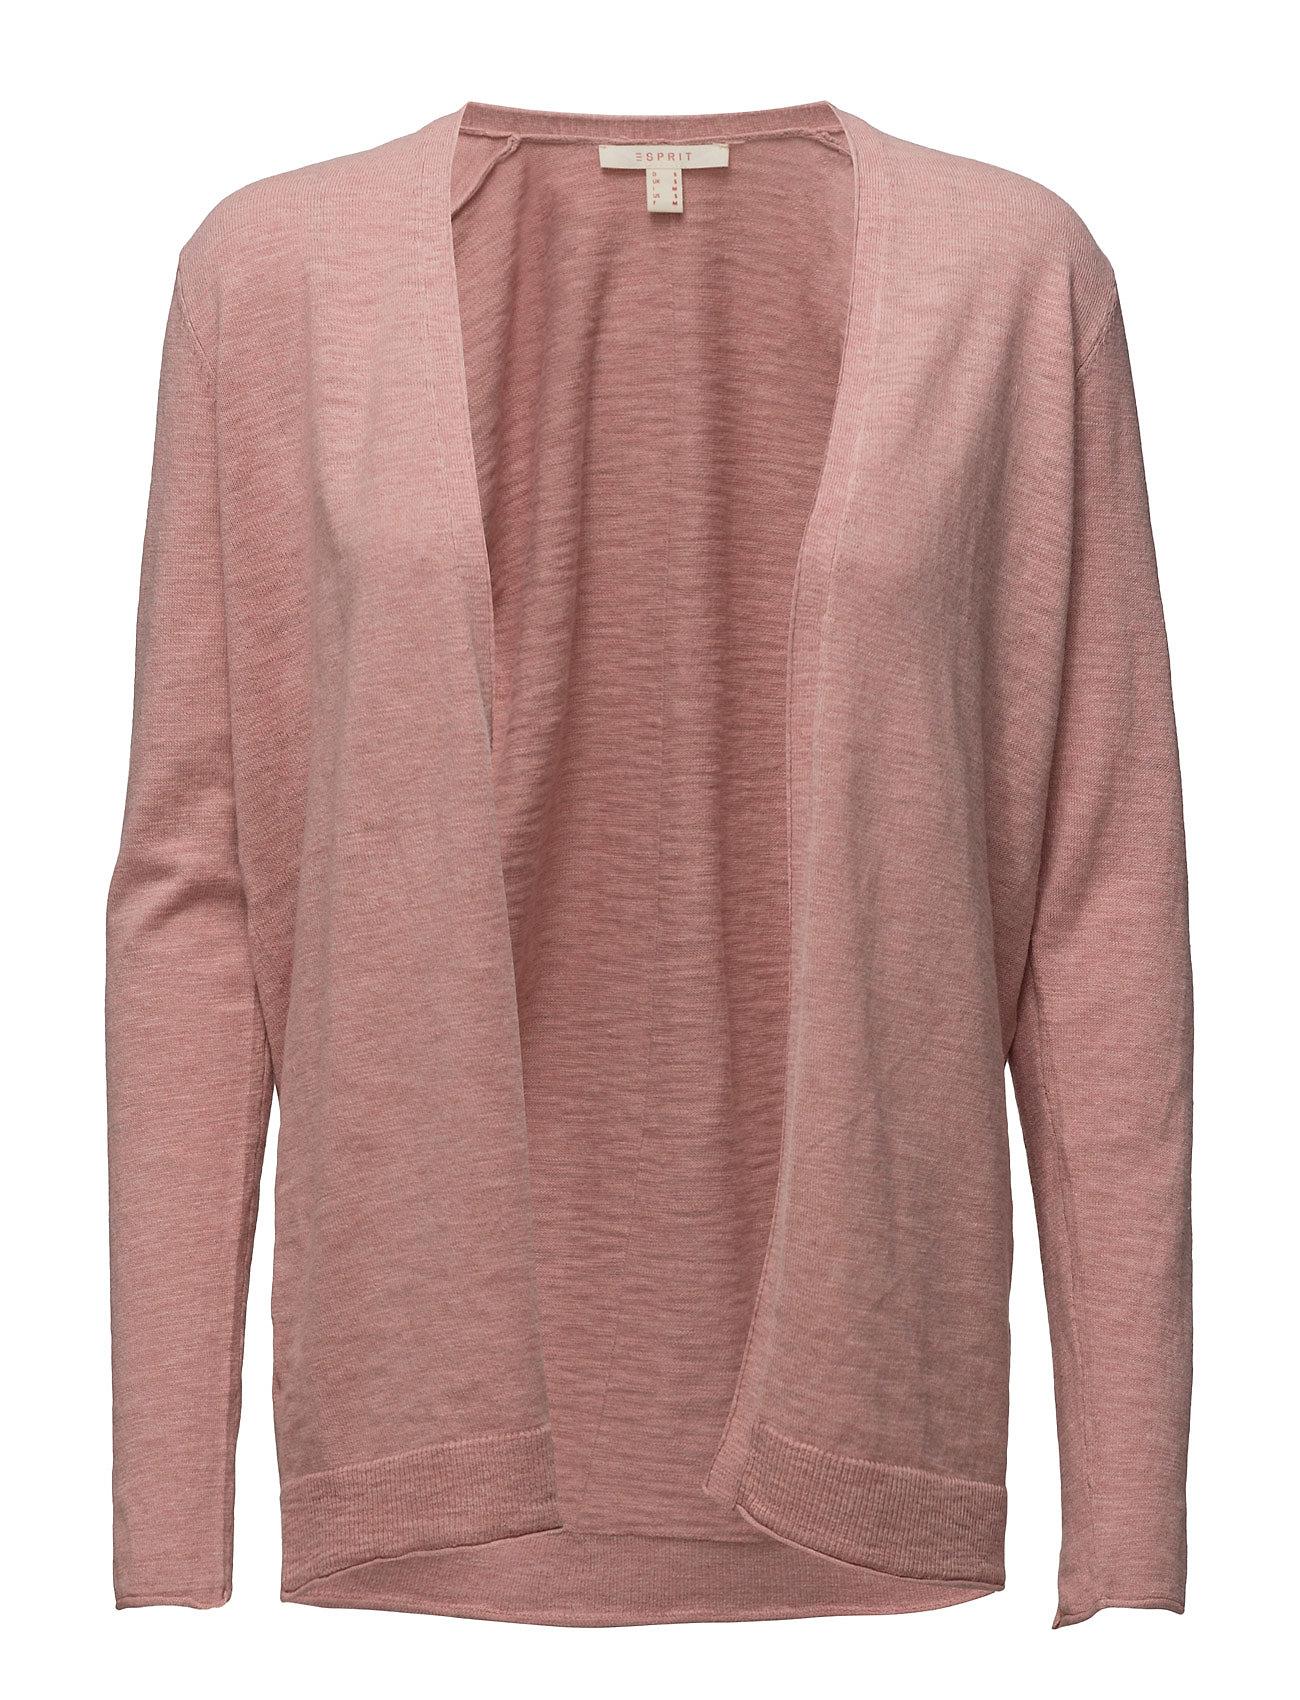 Sweaters Cardigan Esprit Casual Striktøj til Kvinder i